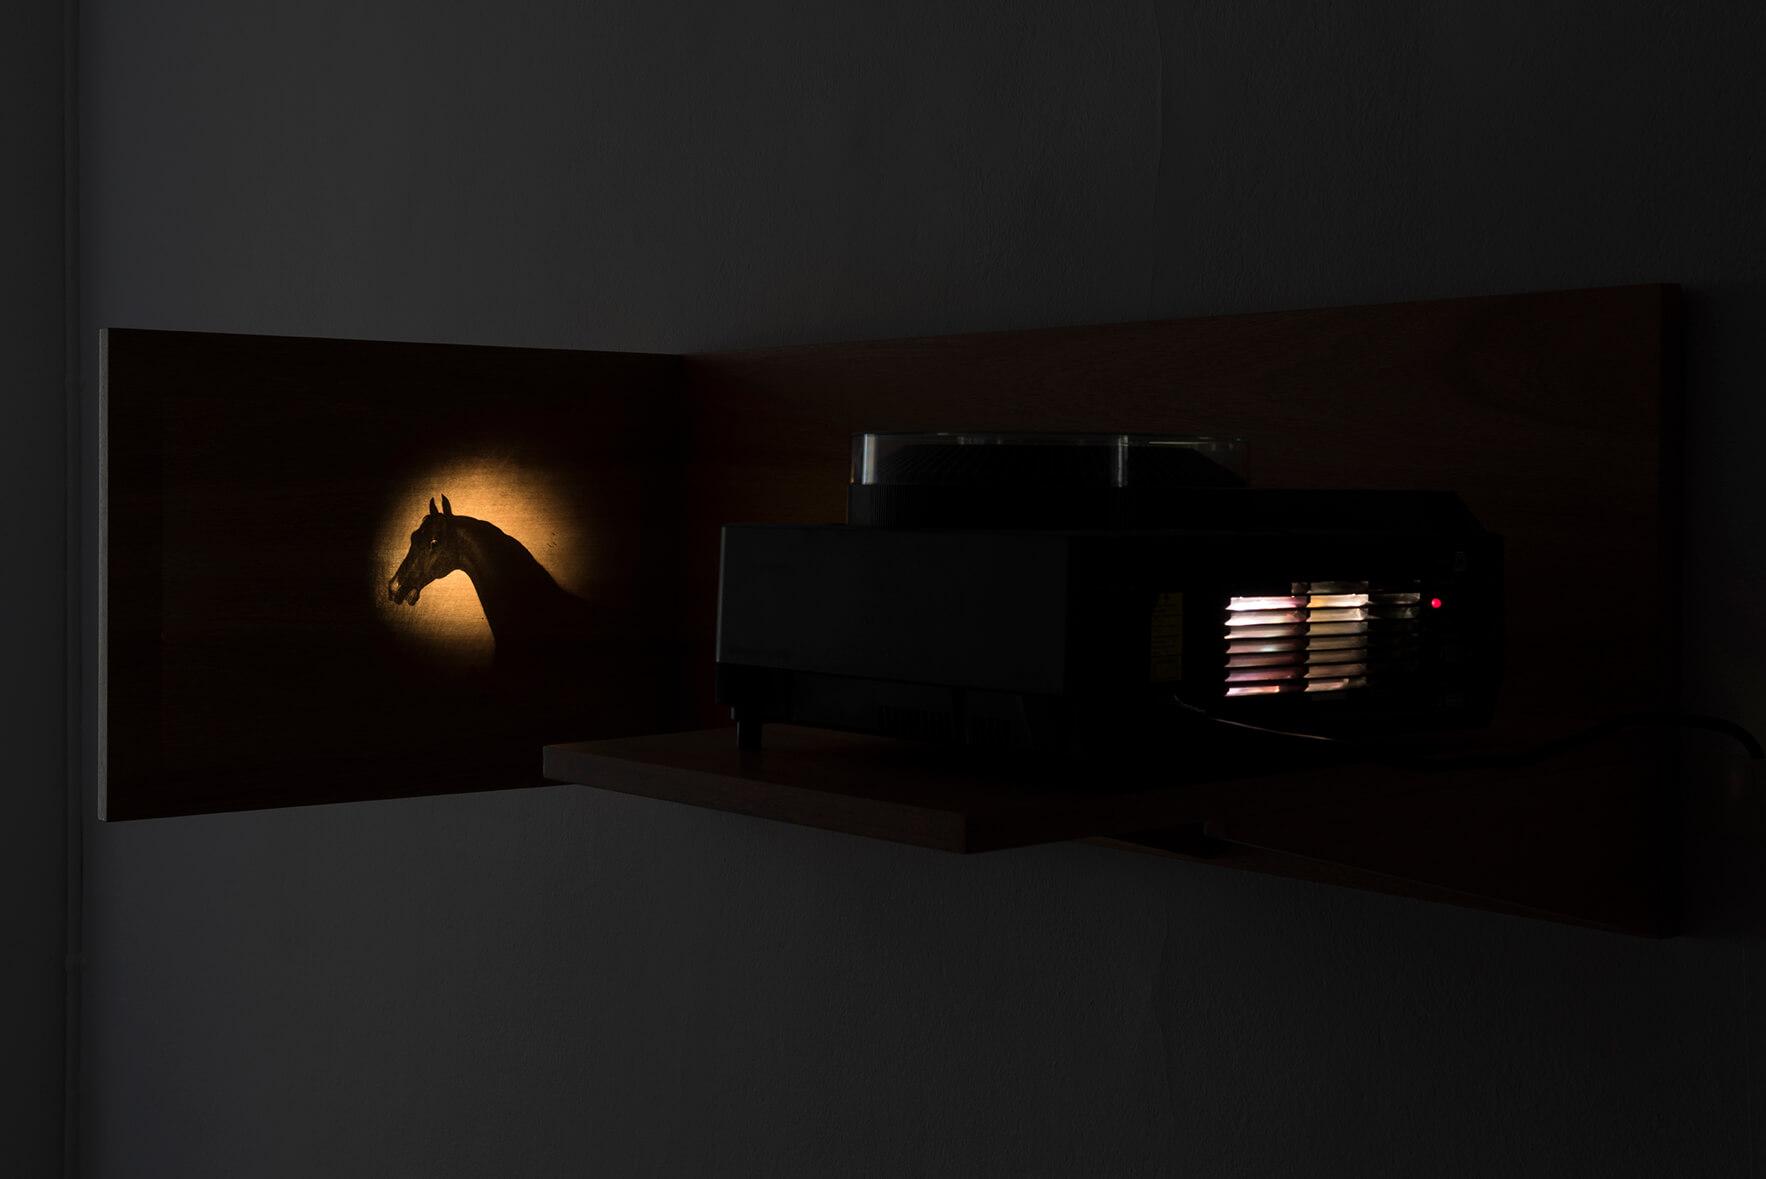 Secretos: linterna mágica (proyección), 2016 | El Triunfo de la Vida Solitaria | ProjecteSD